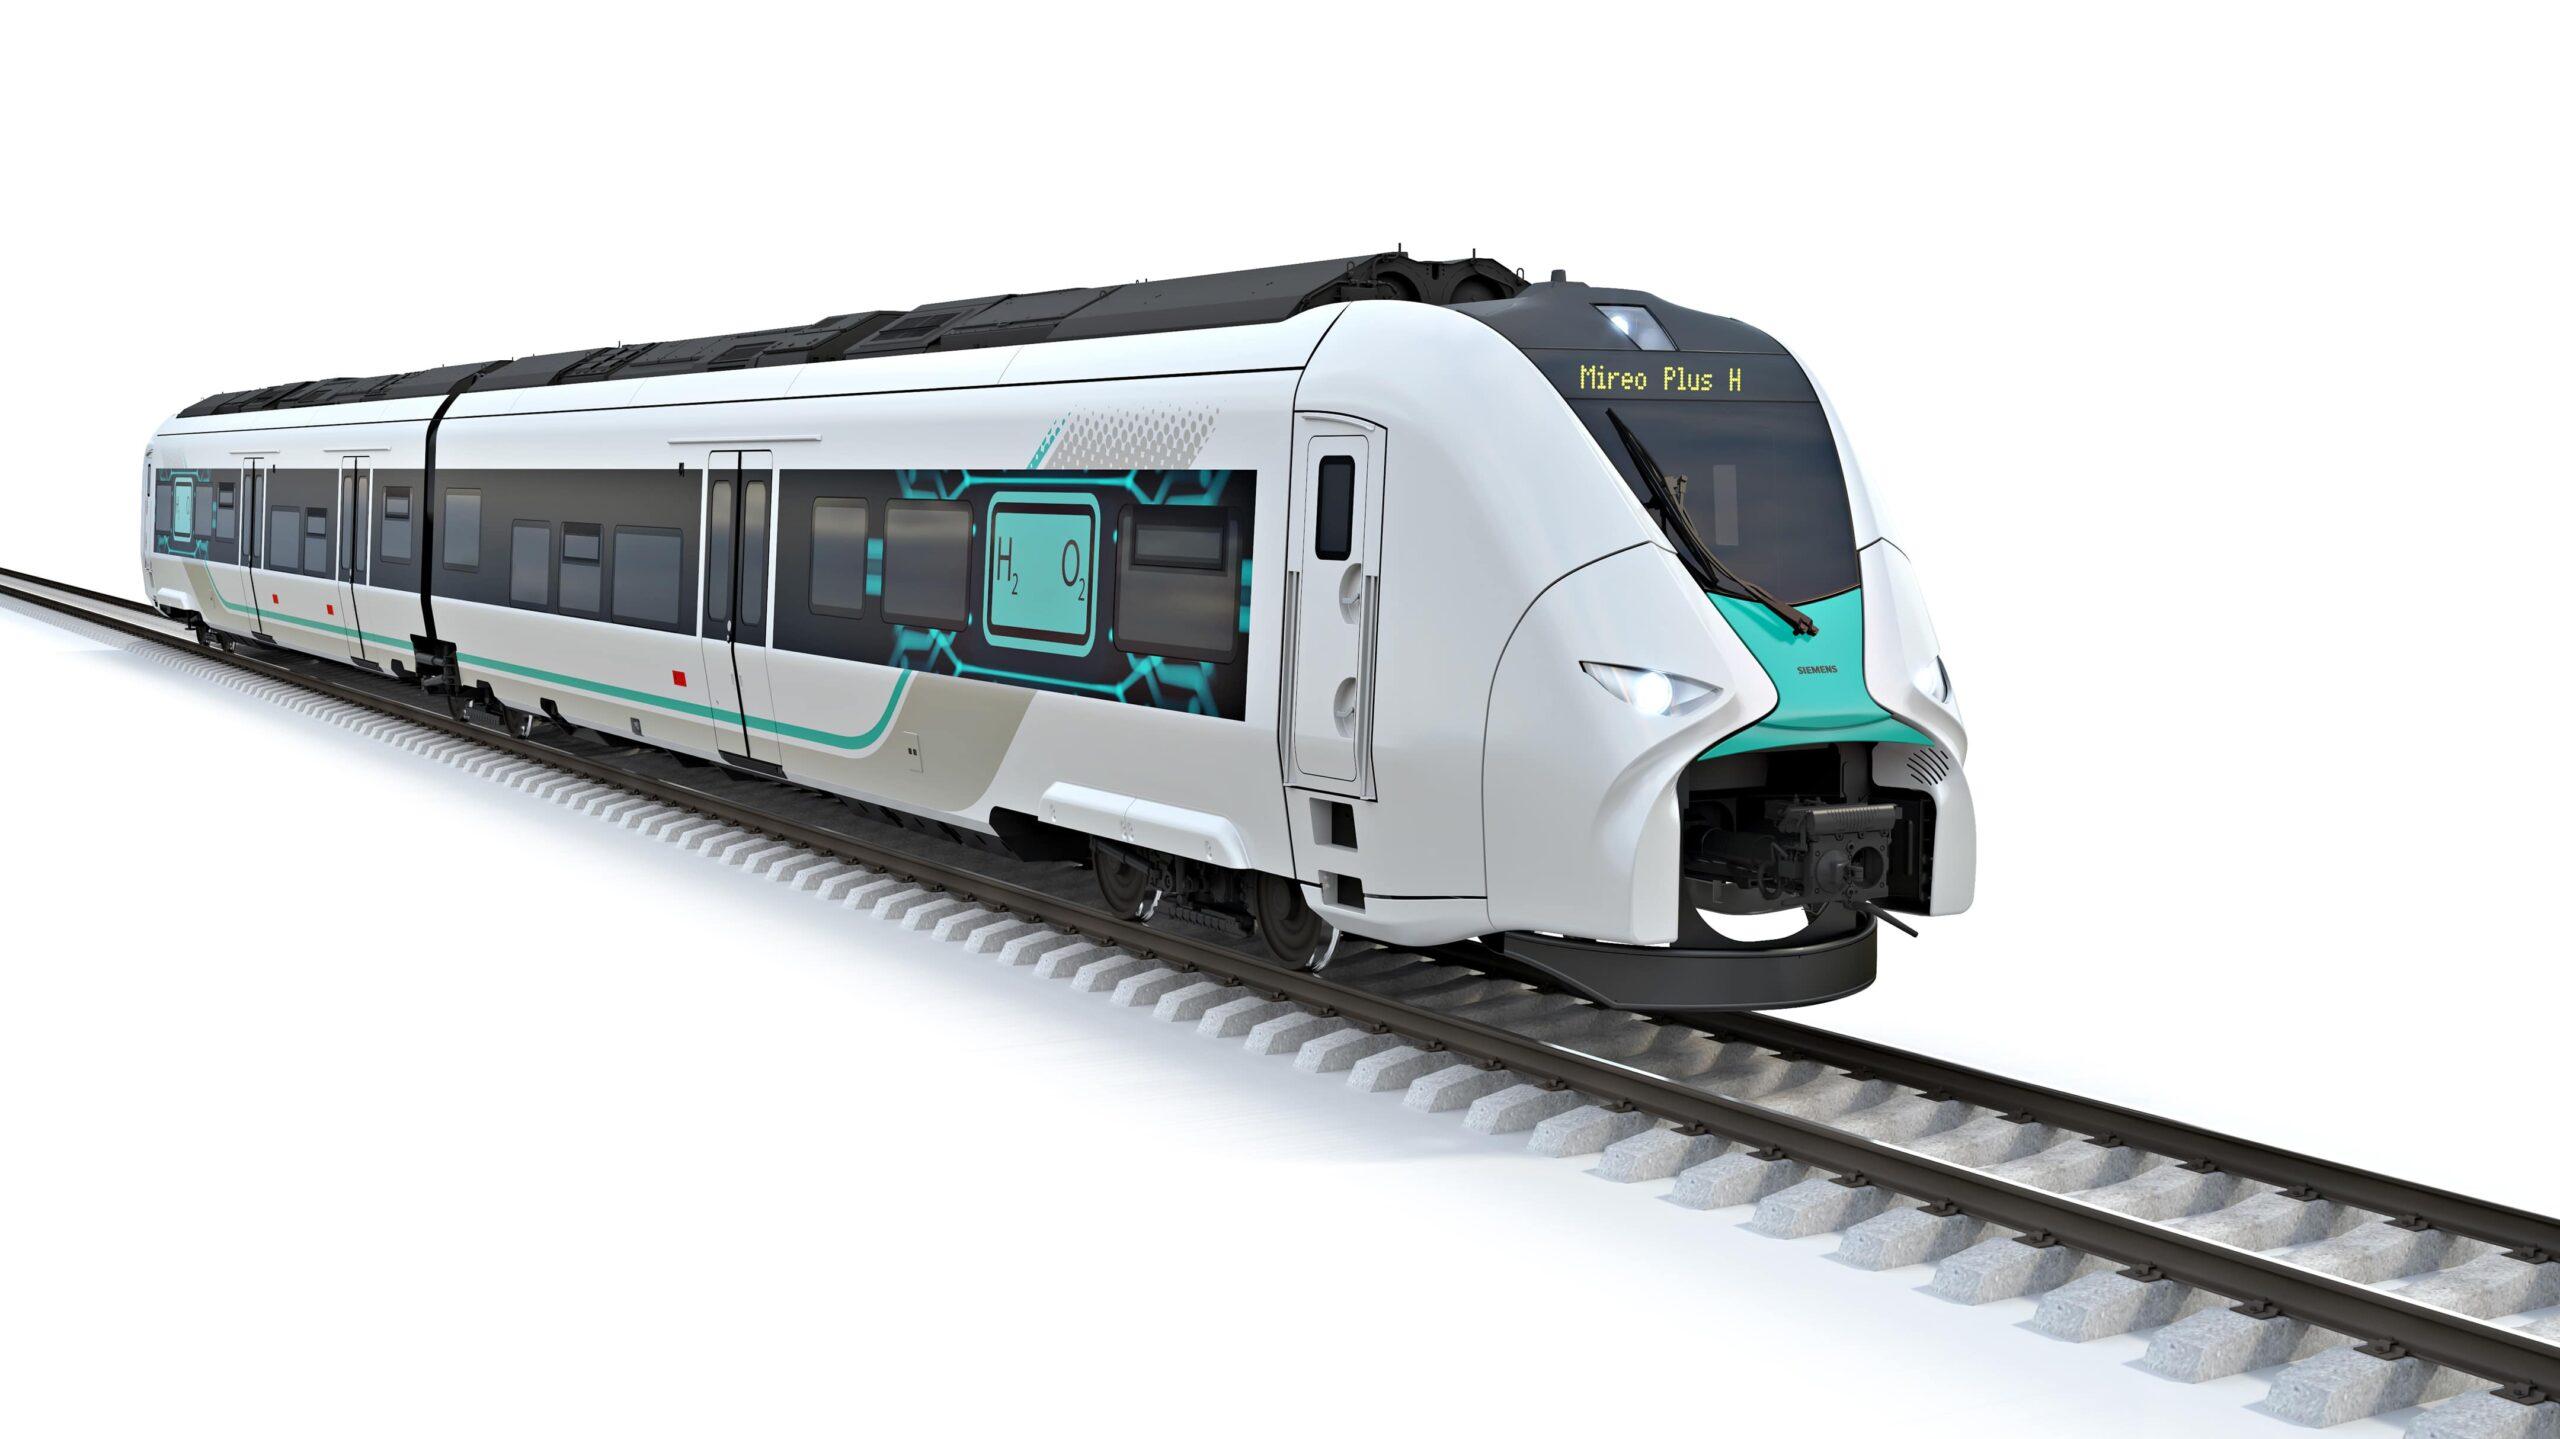 Η Siemens Energy και η Siemens Mobility προωθούν από κοινού την ανάπτυξη συγκοινωνιών υδρογόνου